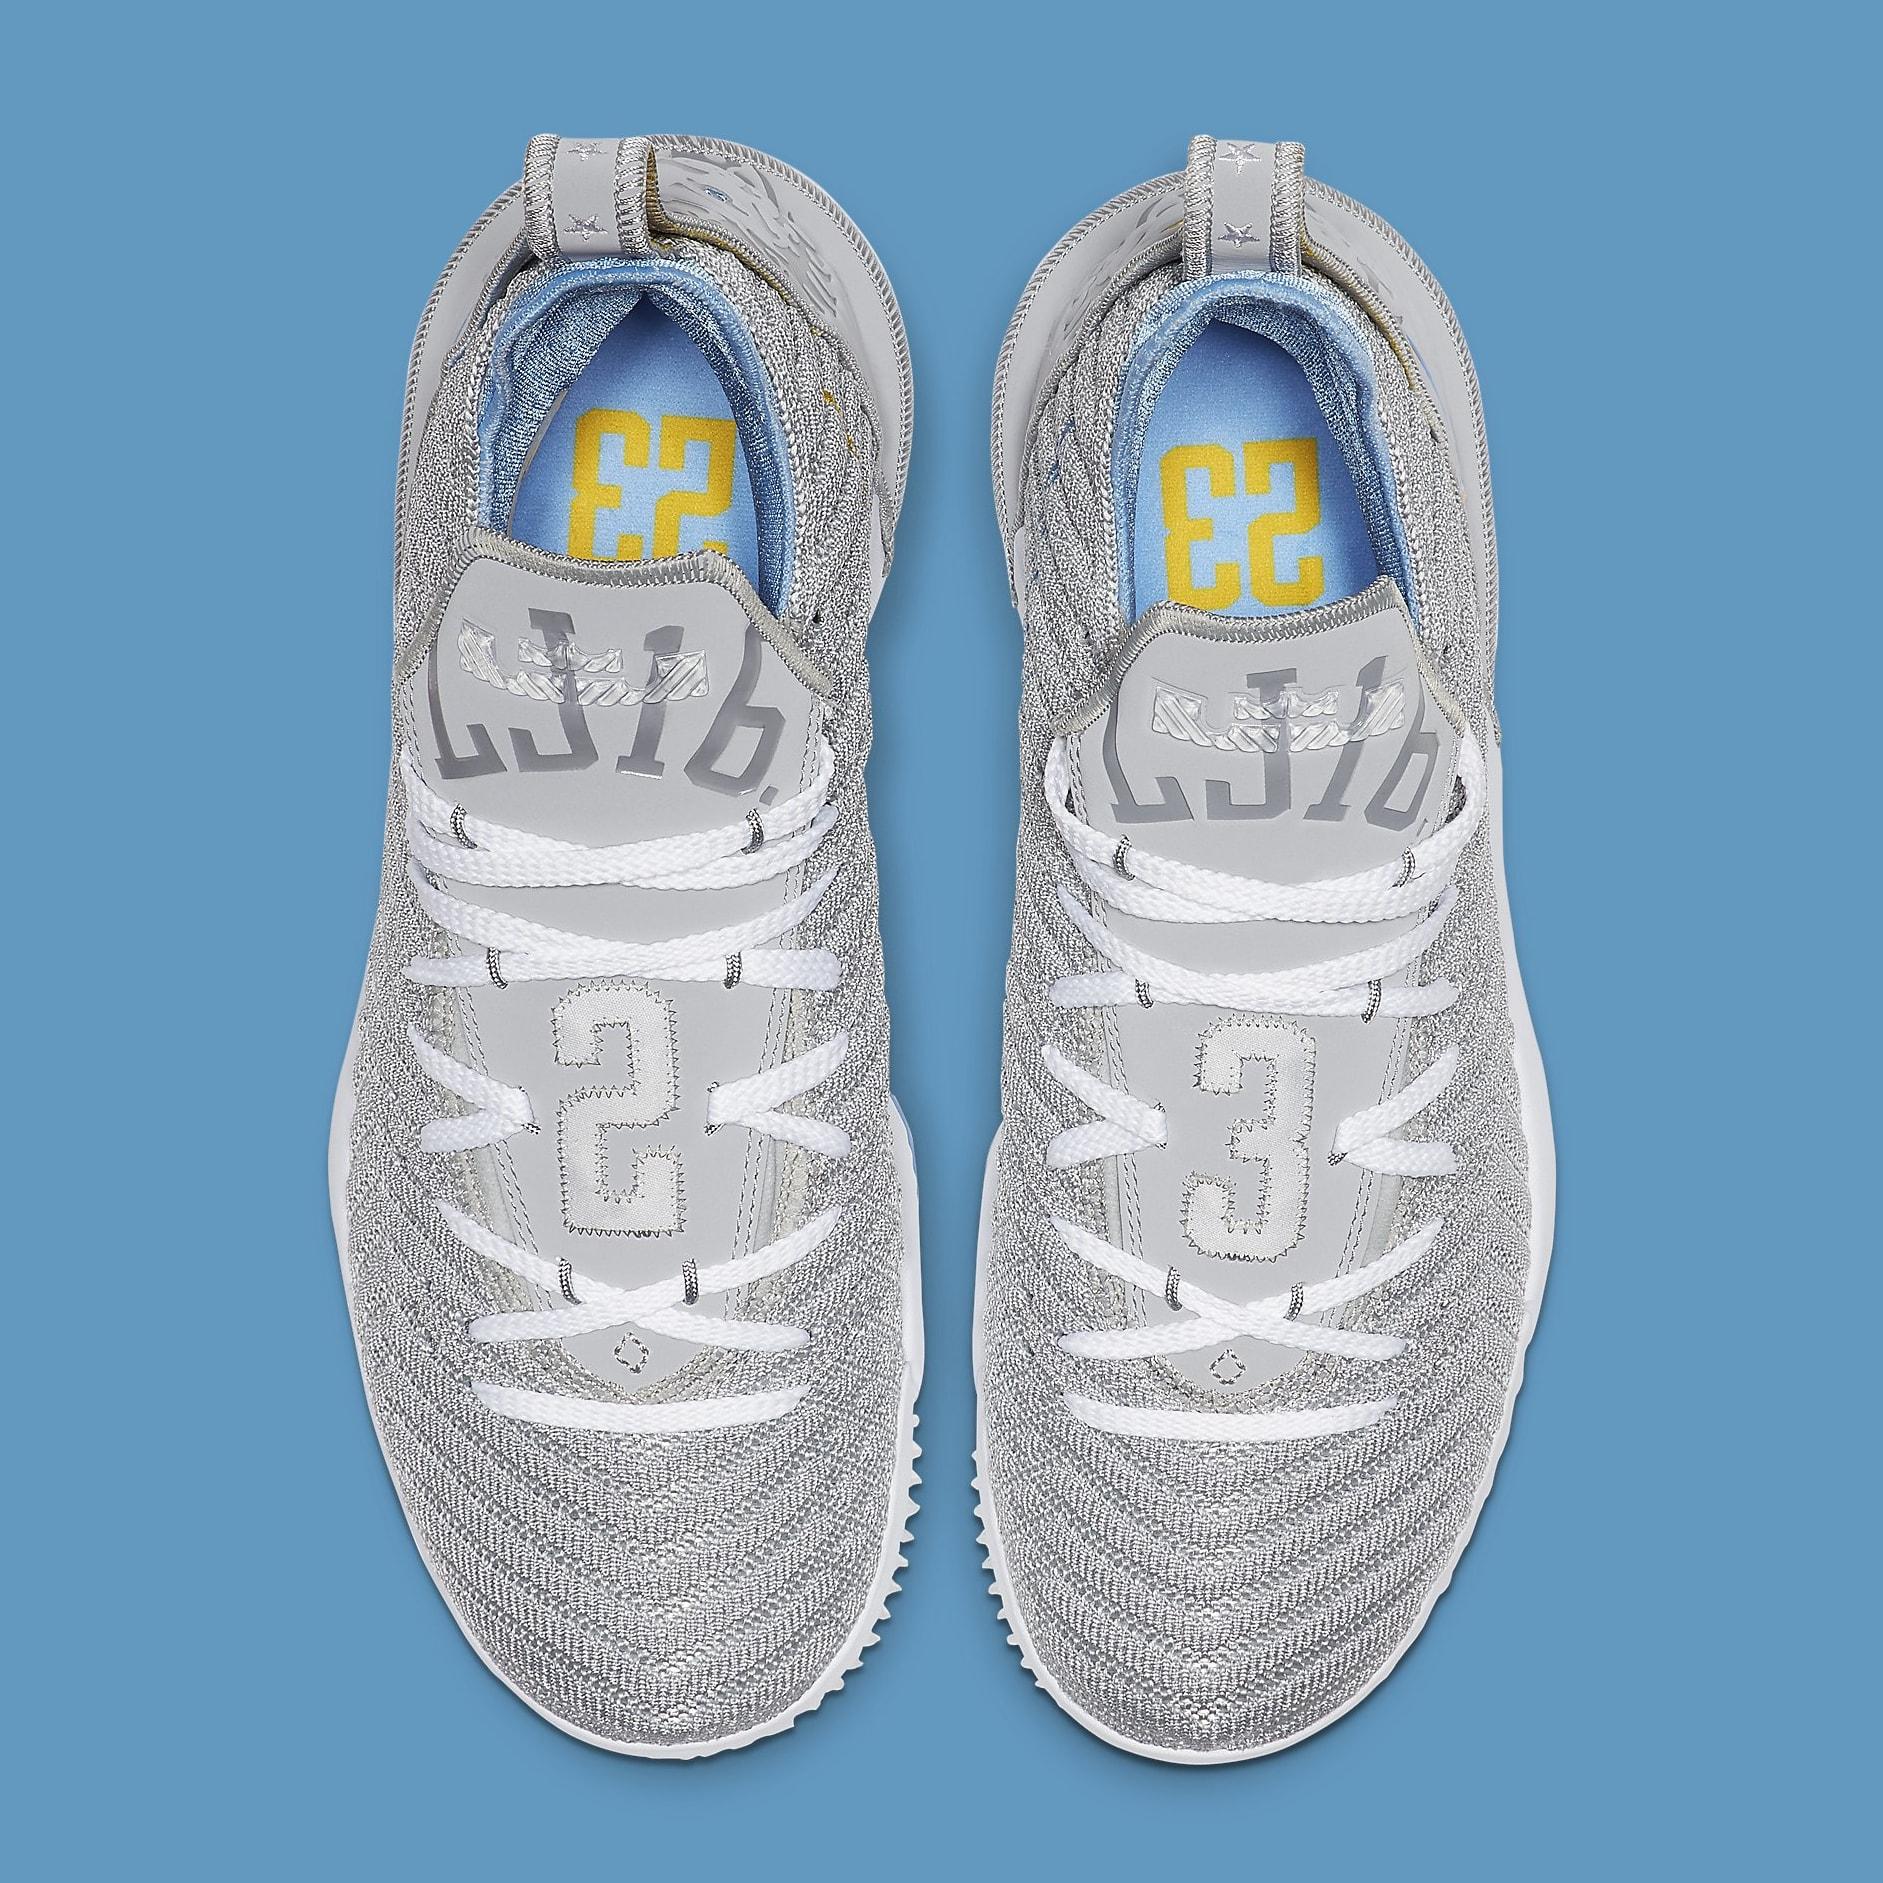 389f421b70290 Image via Nike Nike LeBron 16 MPLS Release Date CK4765-001 Top